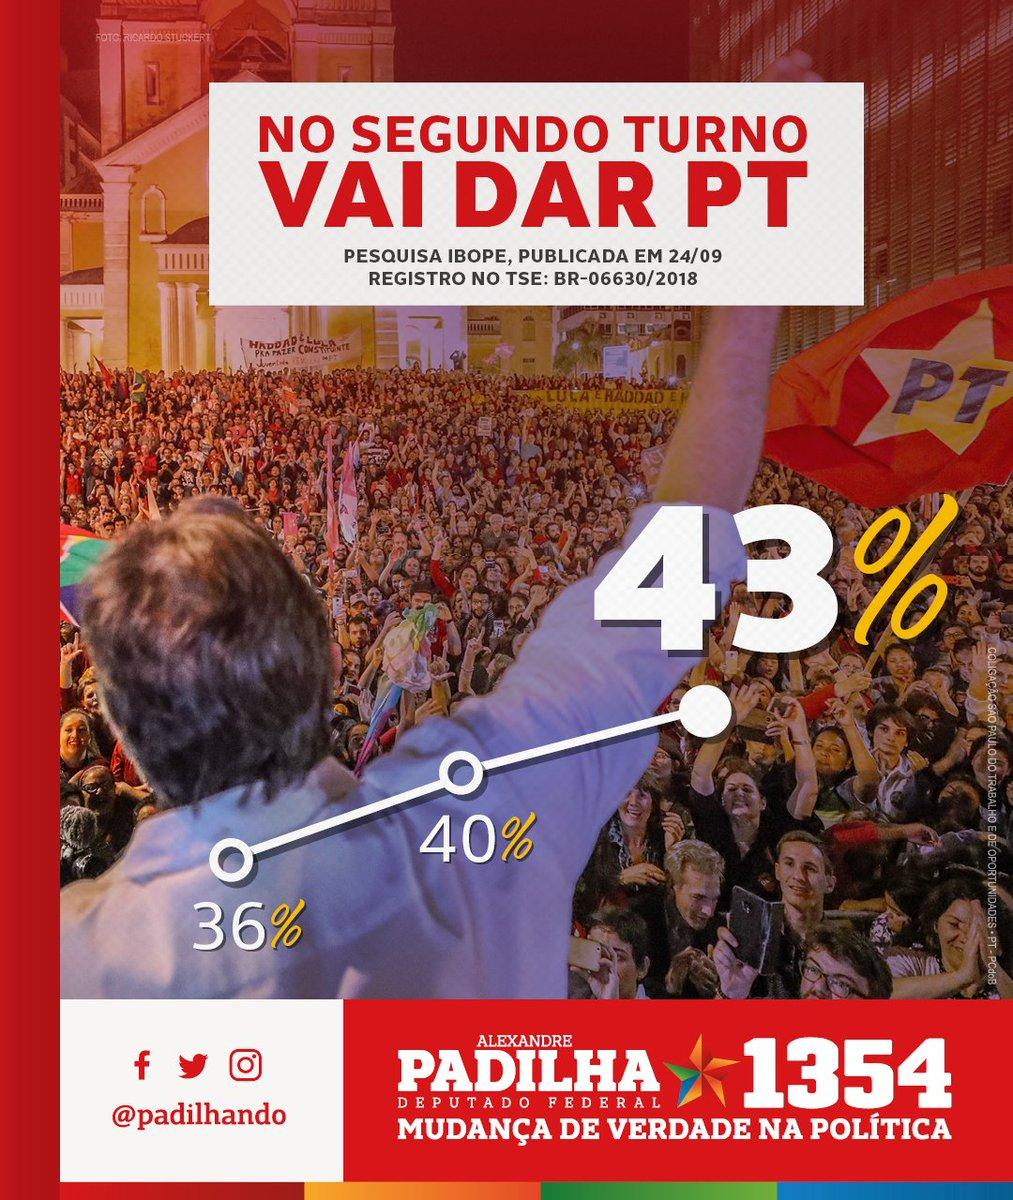 Vai dar PT! Vai segurando o foguete Haddad. Pesquisa Ibope mostra Haddad presidente no 2º turno com 43% de preferência. Voto útil é o voto no melhor! Lula é Haddad, Haddad é Lula!  #HaddadÉLula #Padilha1354 #MudançaDeVerdade